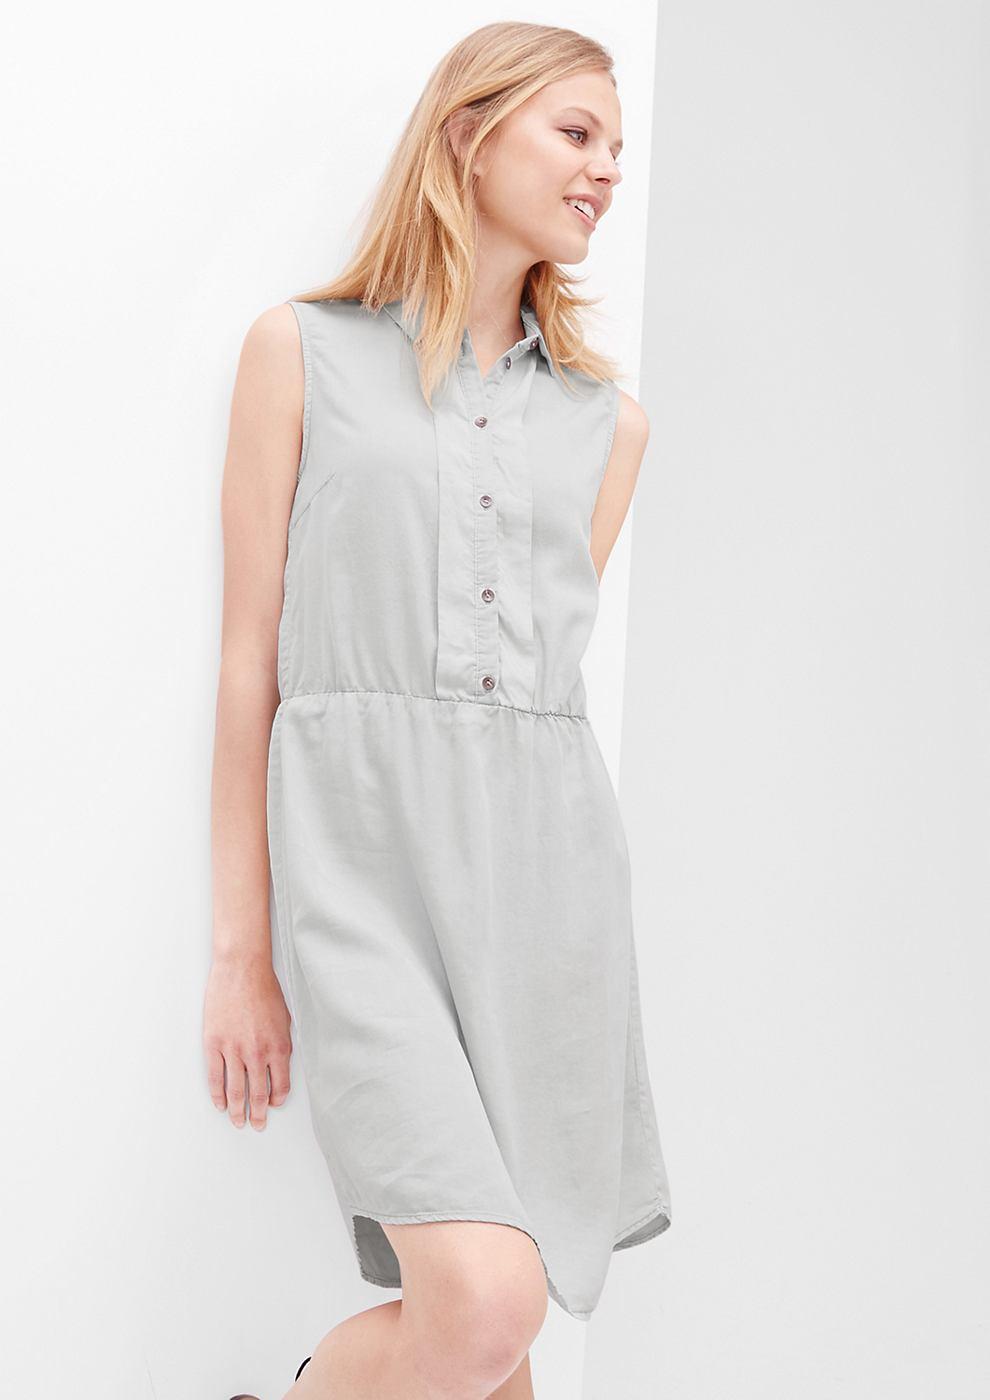 s.Oliver Fluweelzachte jurk met een garment-washed effect grijs